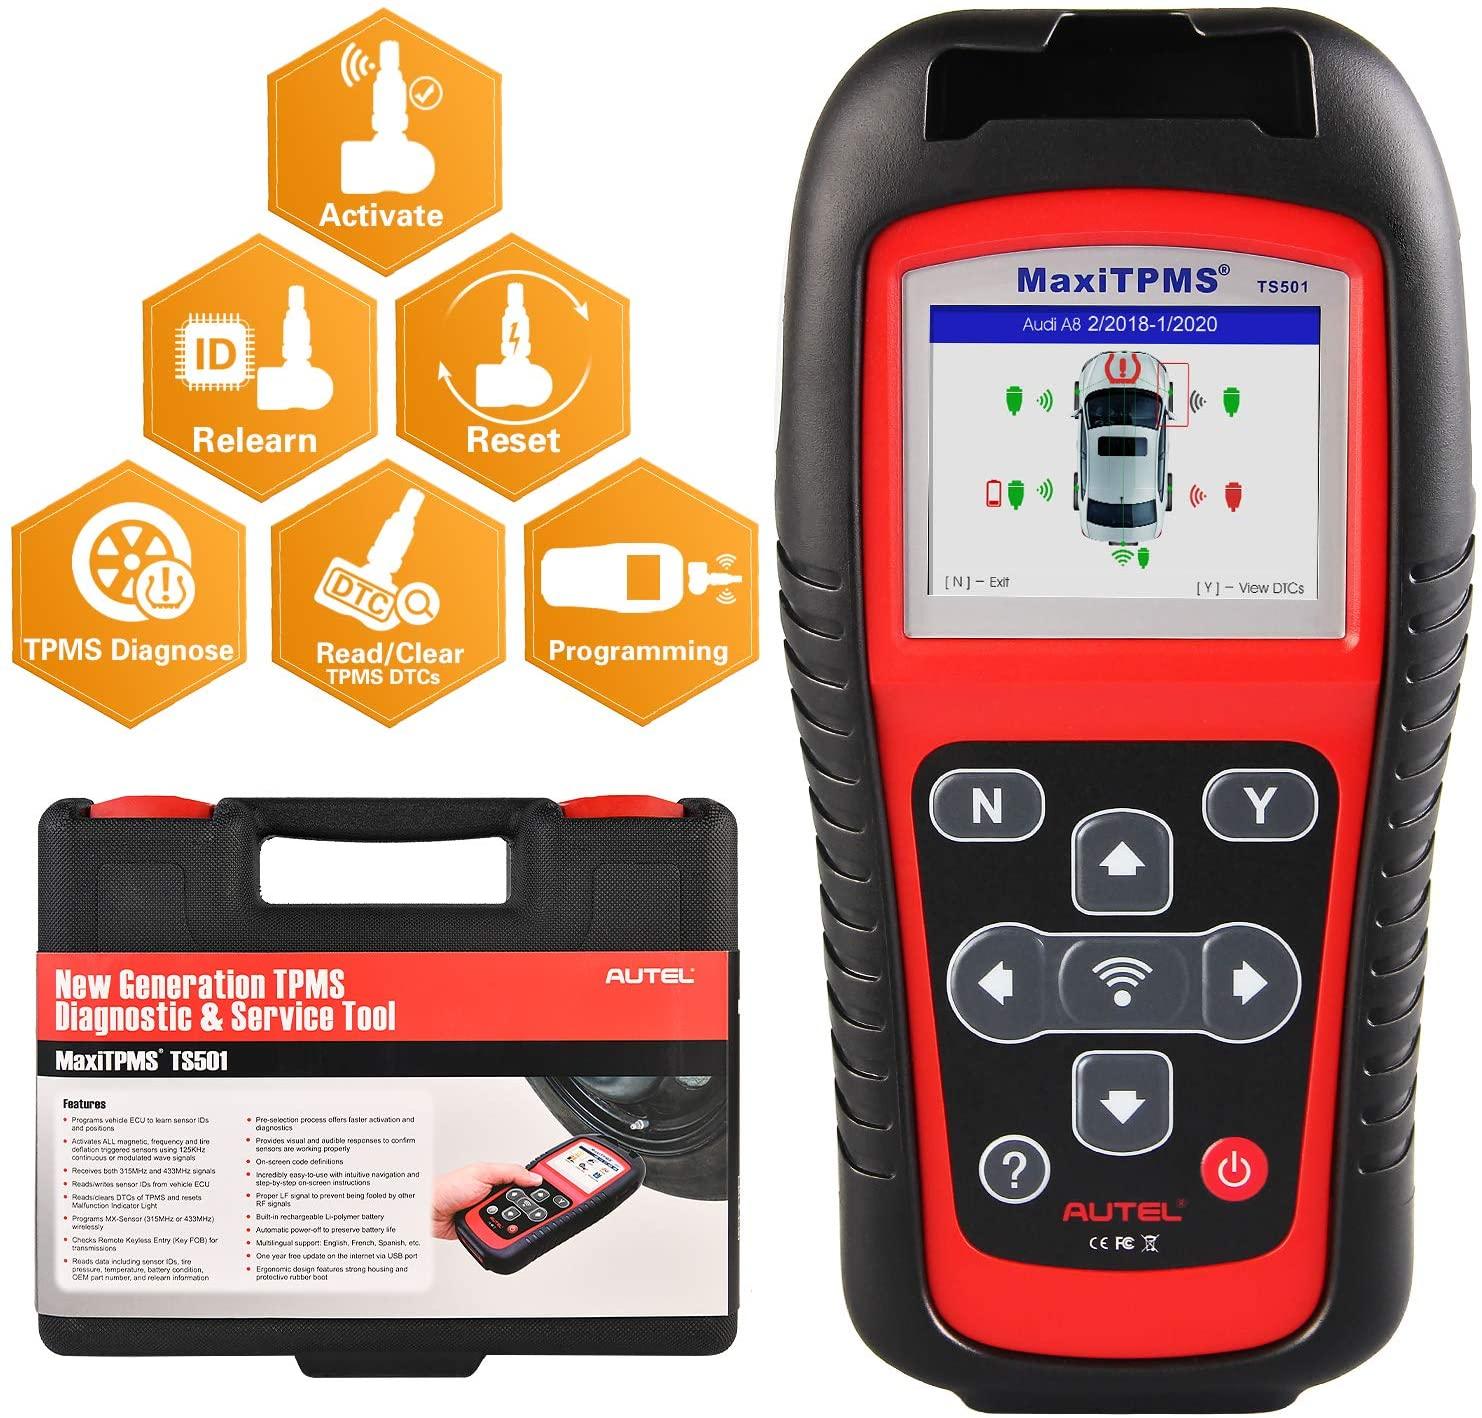 Autel TS501/TS508K TPMS Service tool S tire pressure monitoring system Reset tool Activate programing sensor and Read DTC code|maxitpms ts501|tire pressuretpms sensor - AliExpress